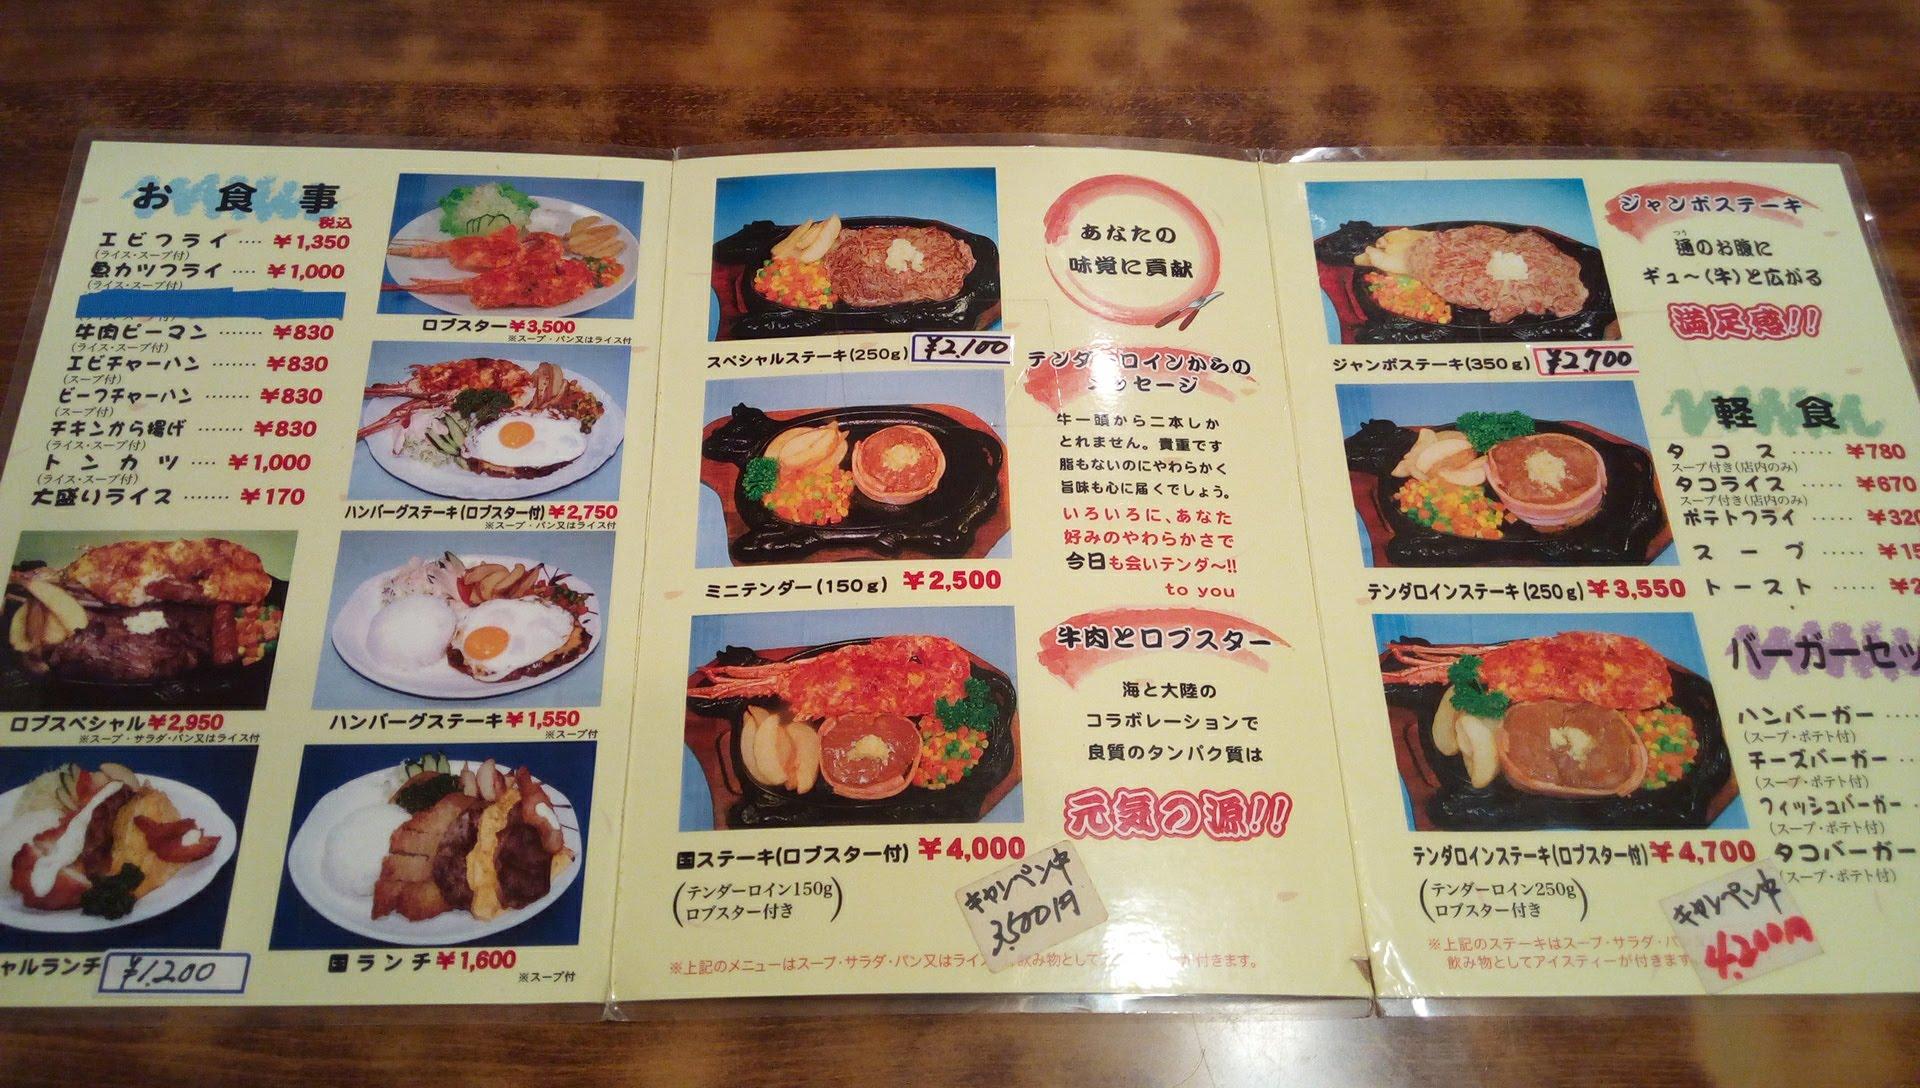 レストラン国のメニュー